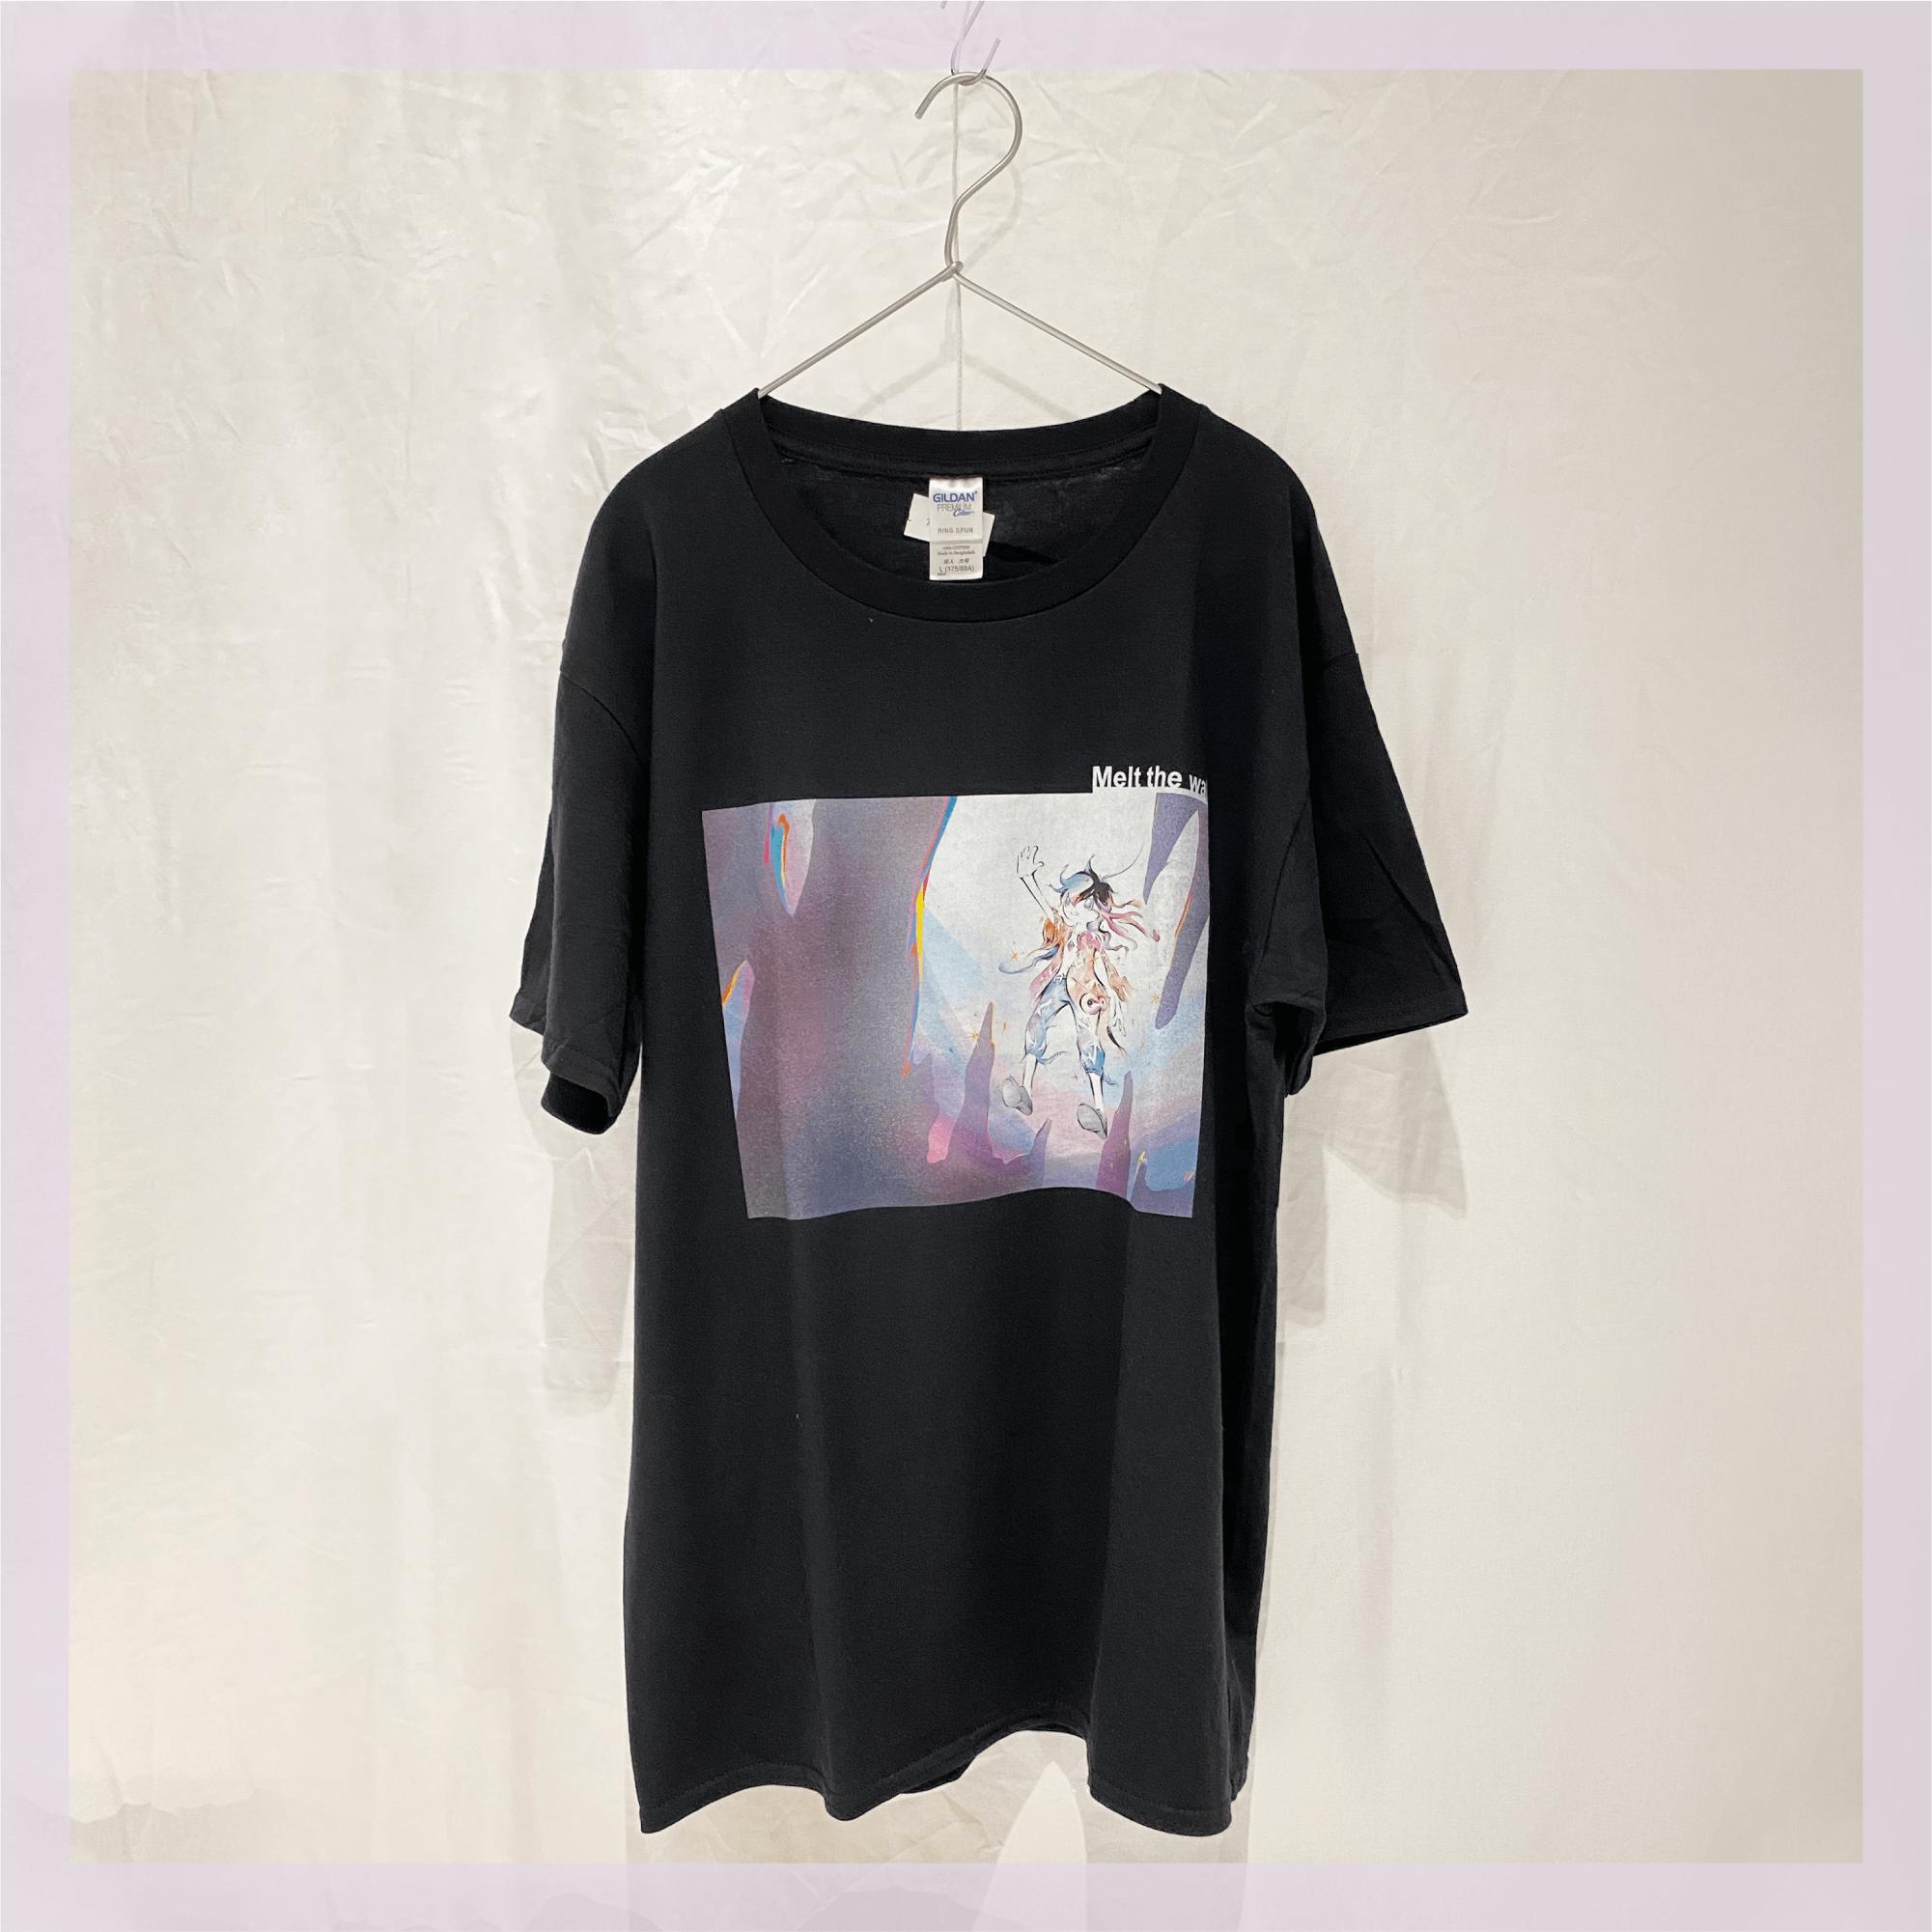 【Tシャツ】 壁は幻。溶かしてしまえ / ブラック